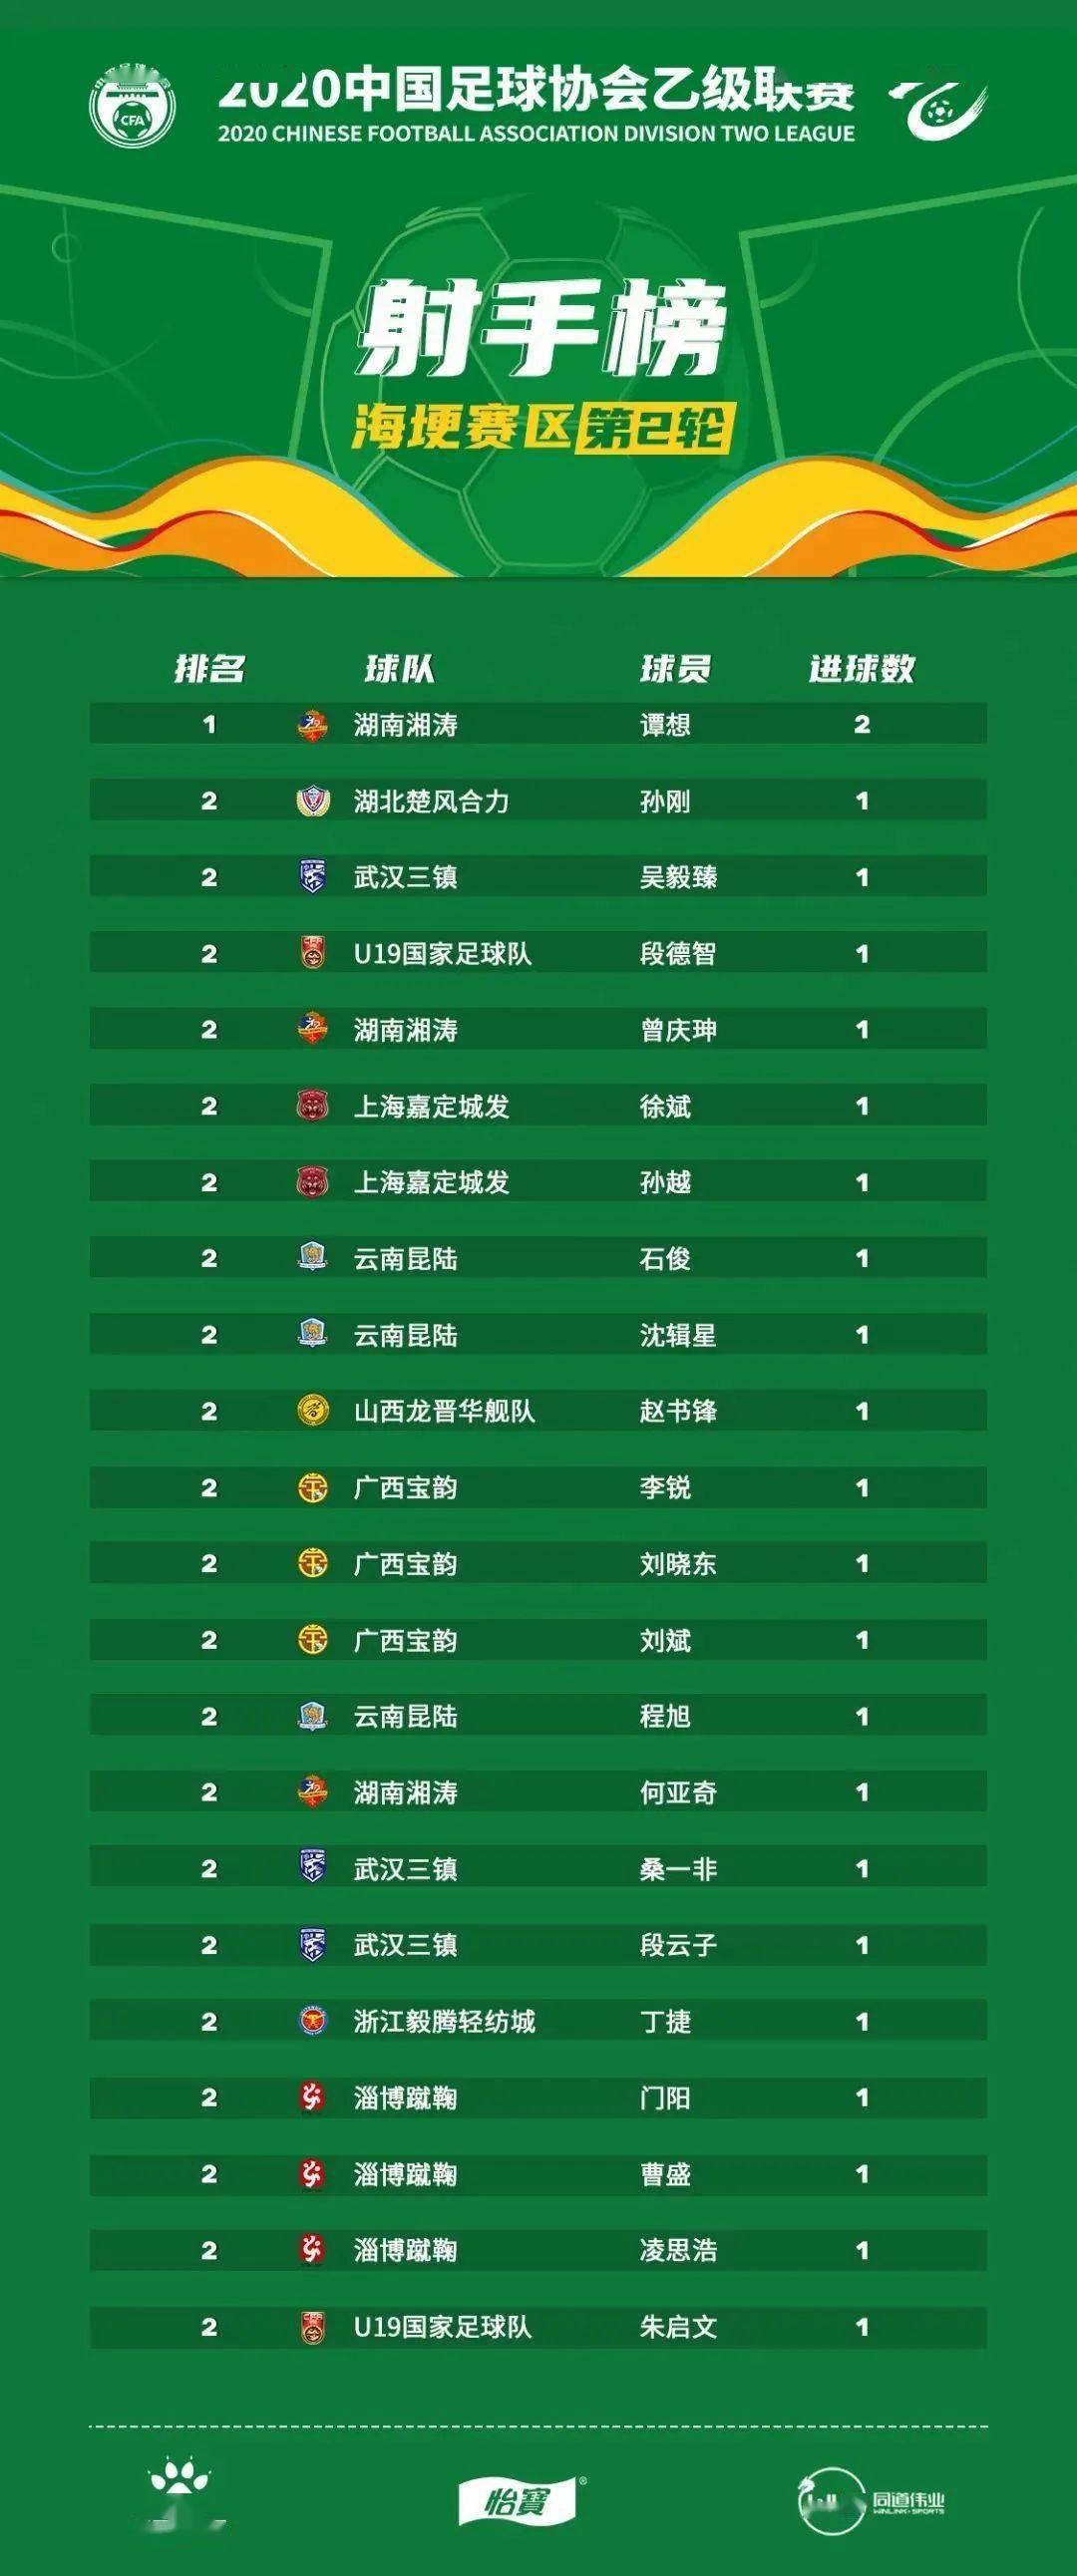 yobo体育app官网- 中乙联赛第二轮积分榜及射手榜(图3)